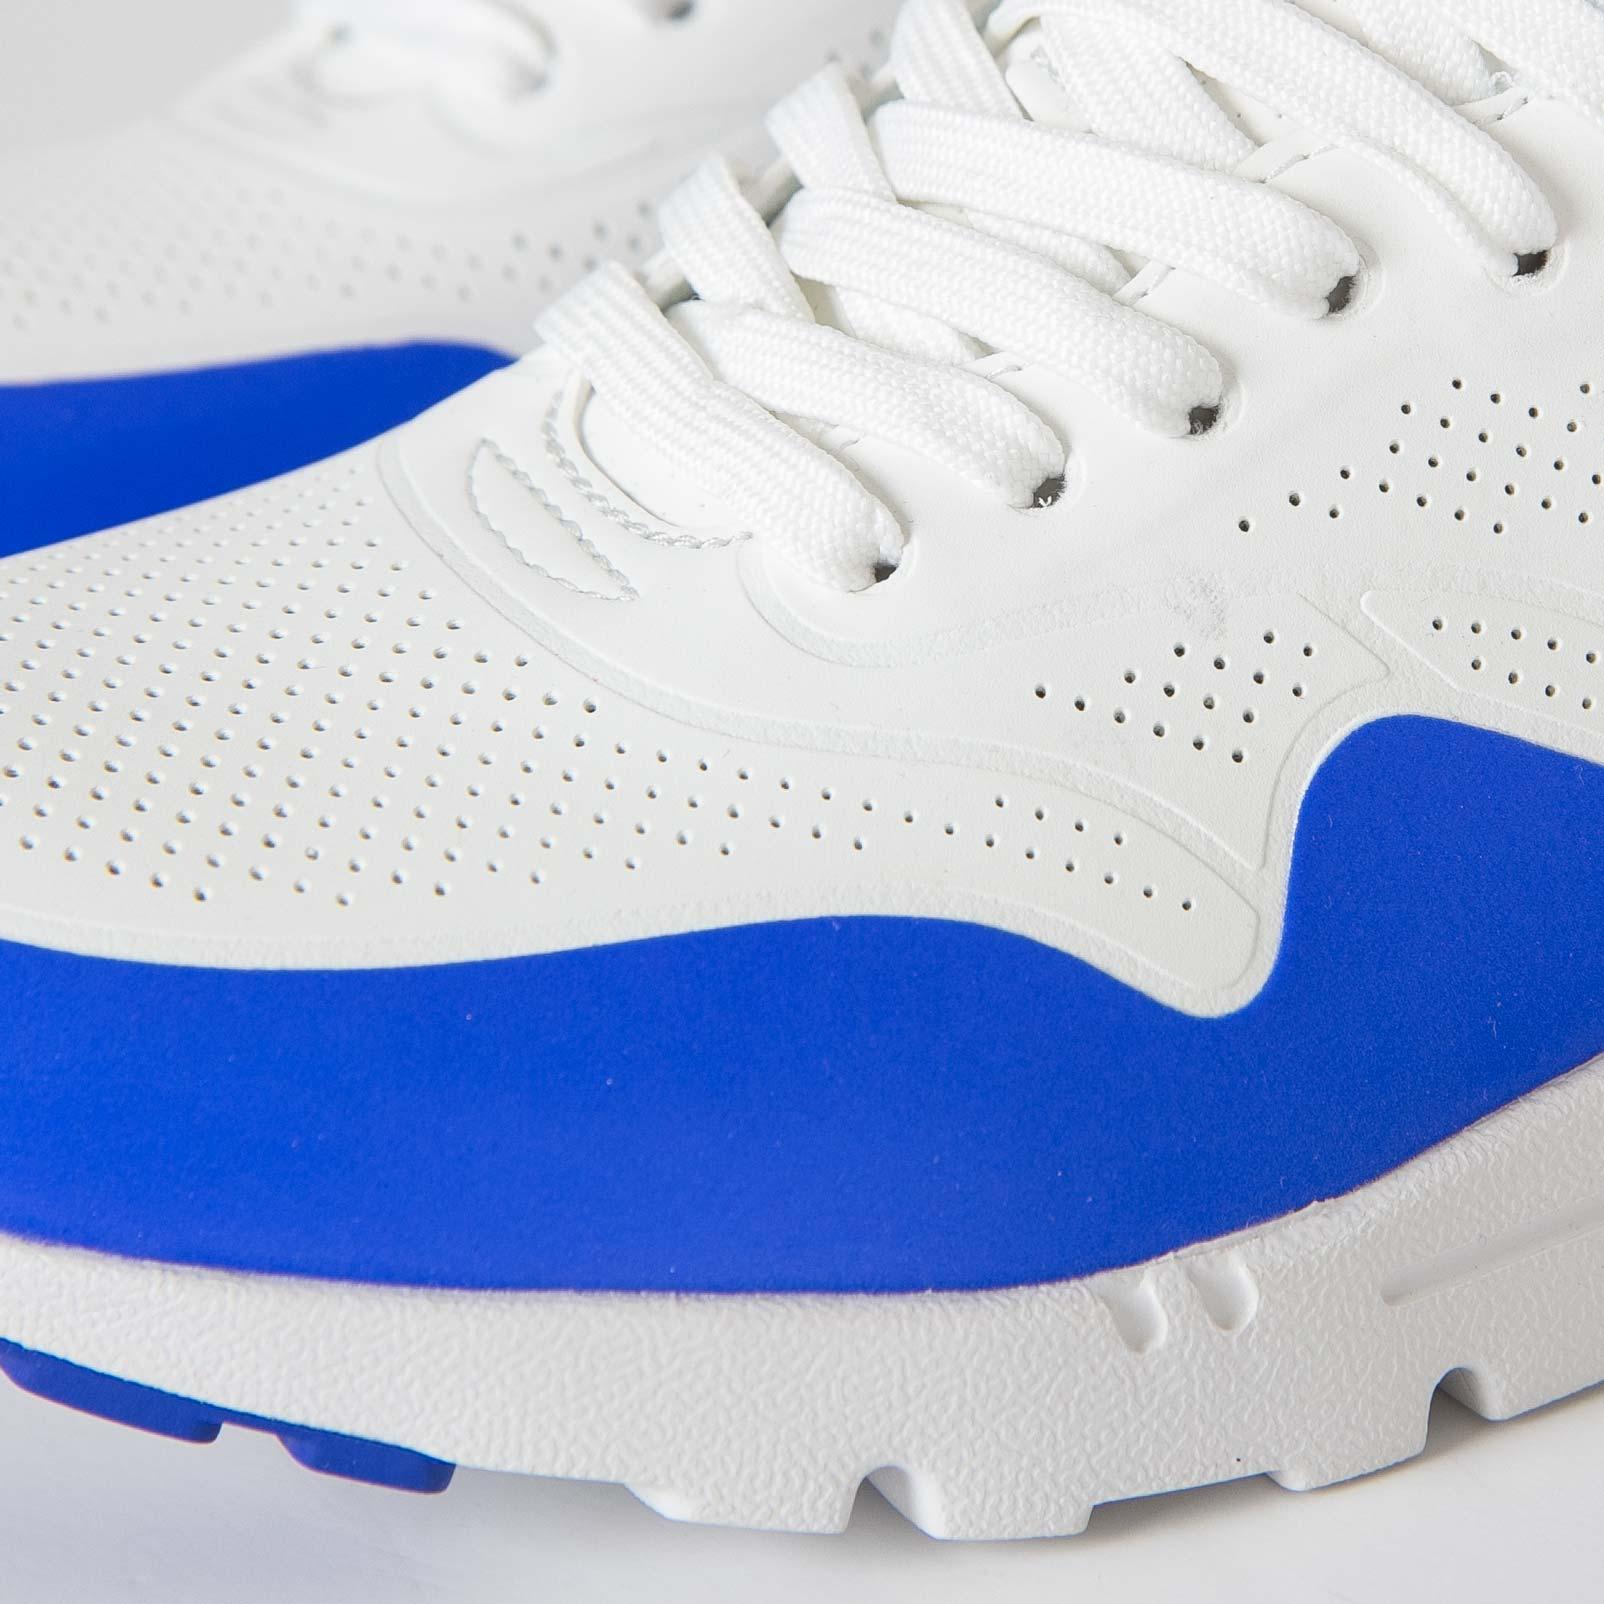 Conception innovante 7557e 99ba0 Nike Wmns Air Max 1 Ultra Moire - 704995-100 ...